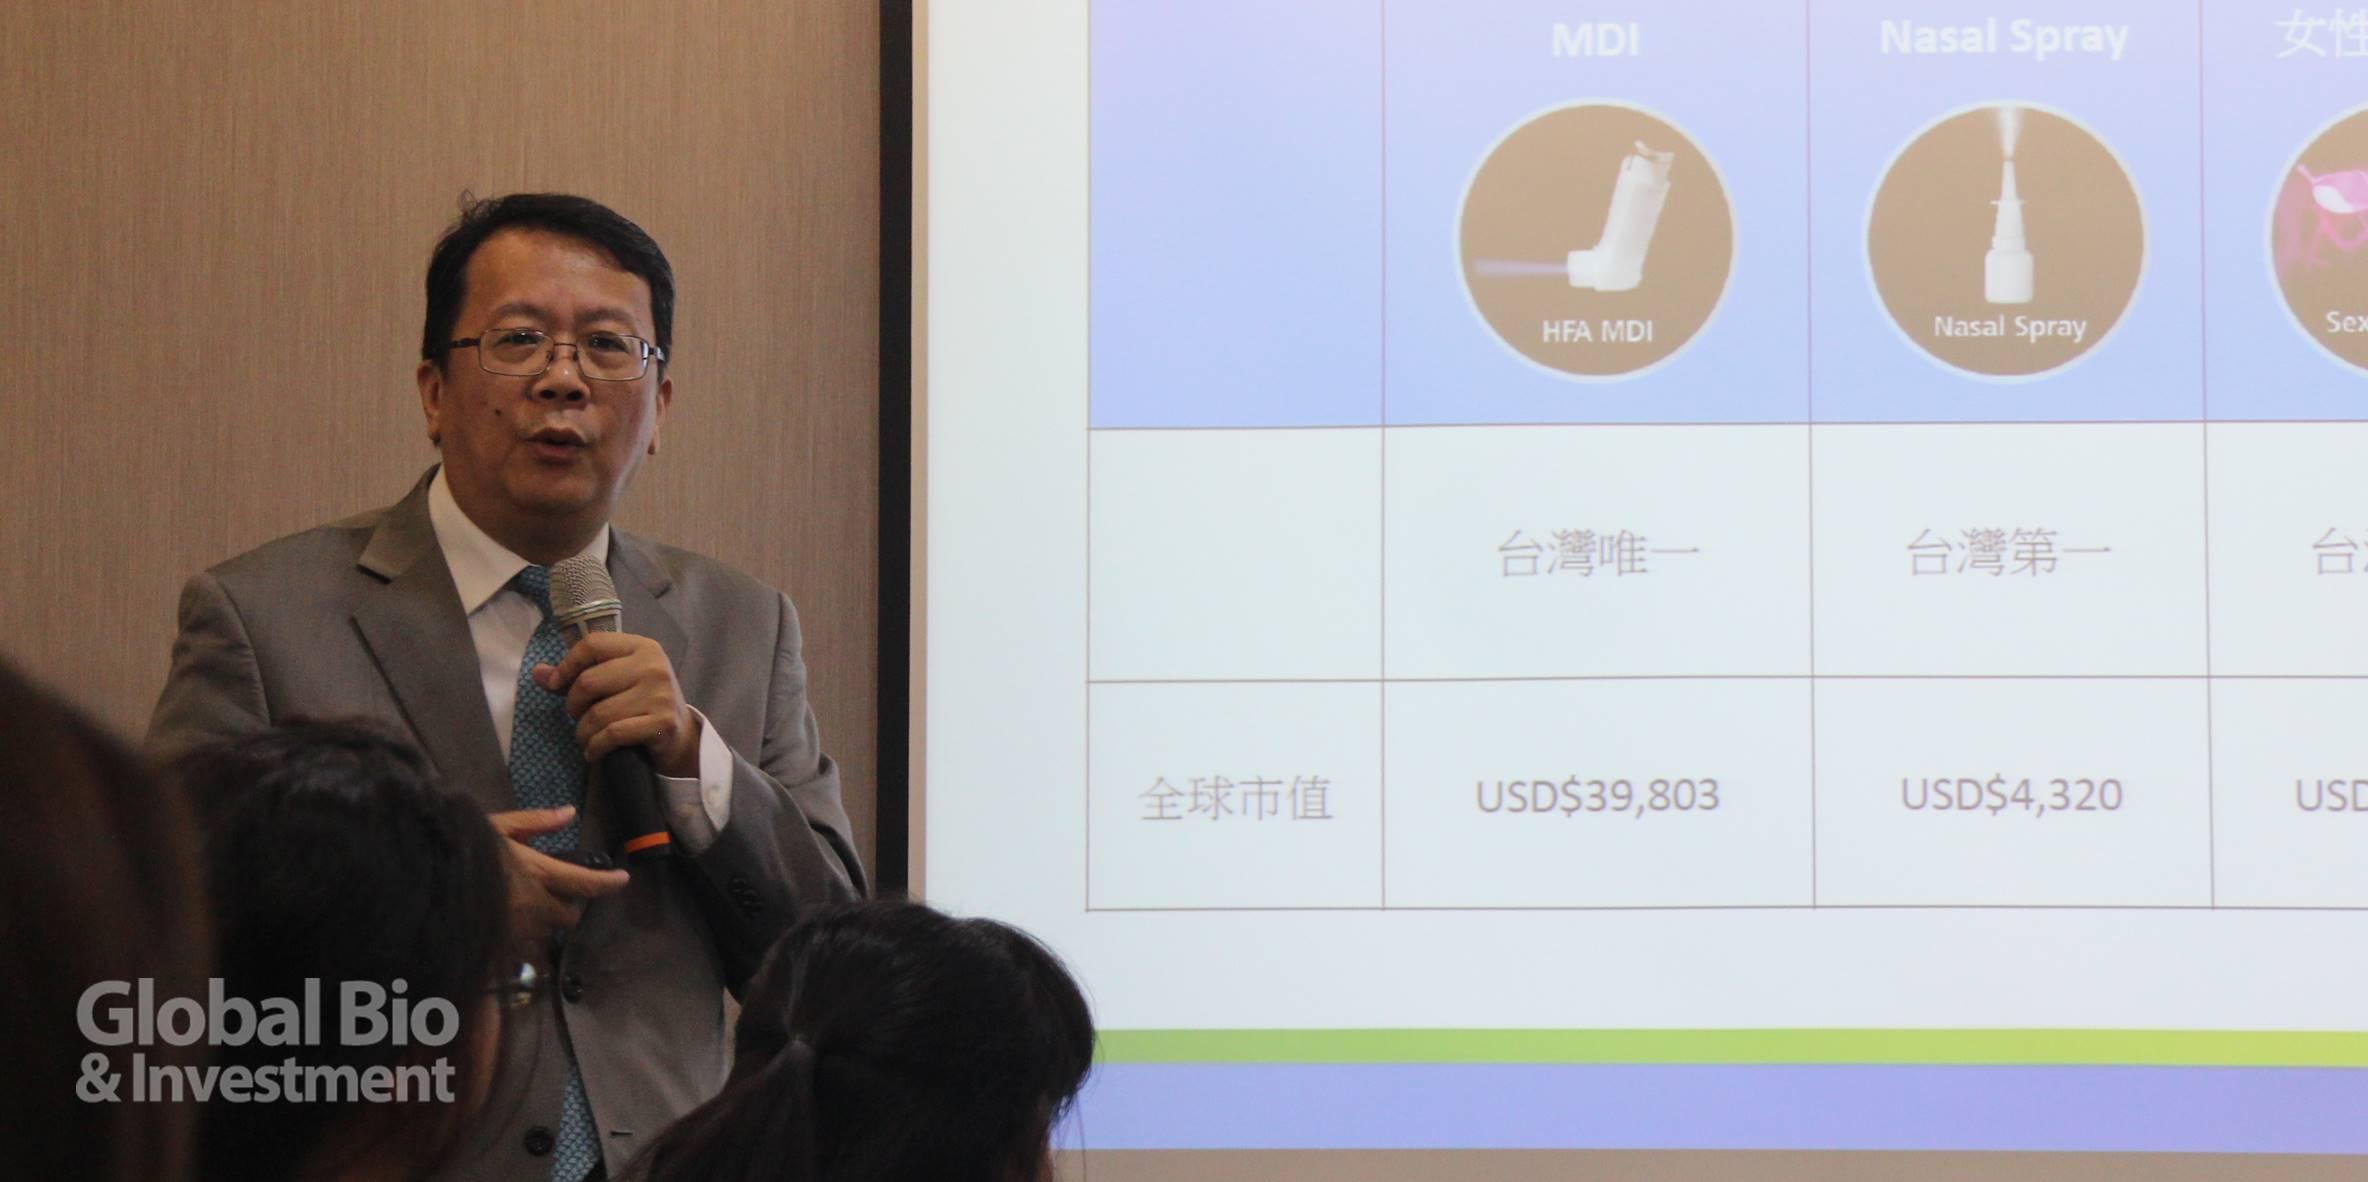 健喬副總經理白宏欽表示,公司未來市場將聚焦中國和東南亞,並放眼全球.(攝影/巫芝岳)